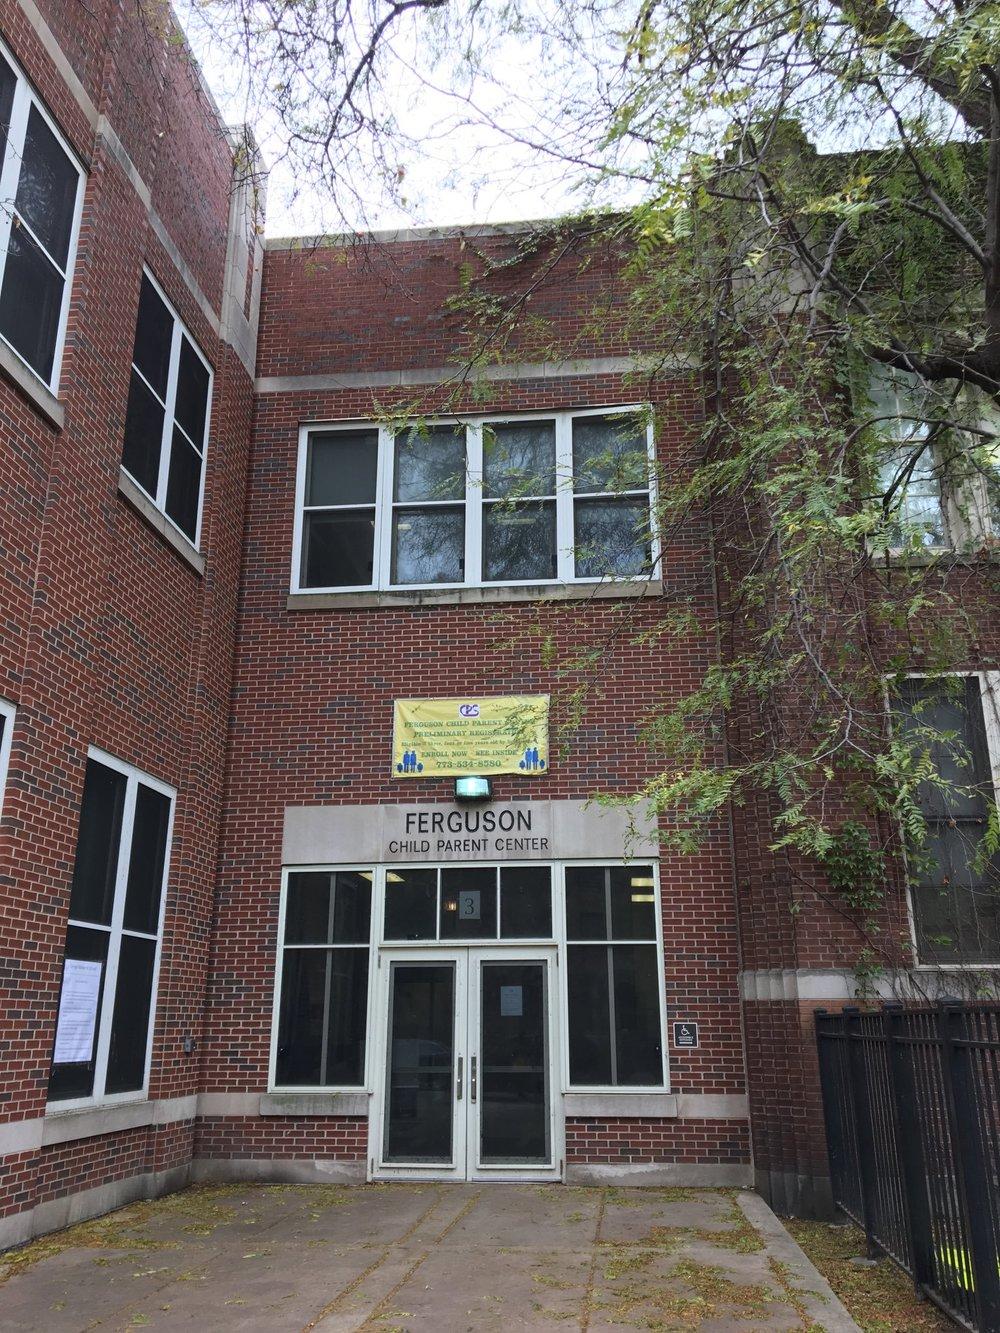 Child-Parent Center, Ferguson, Chicago Il